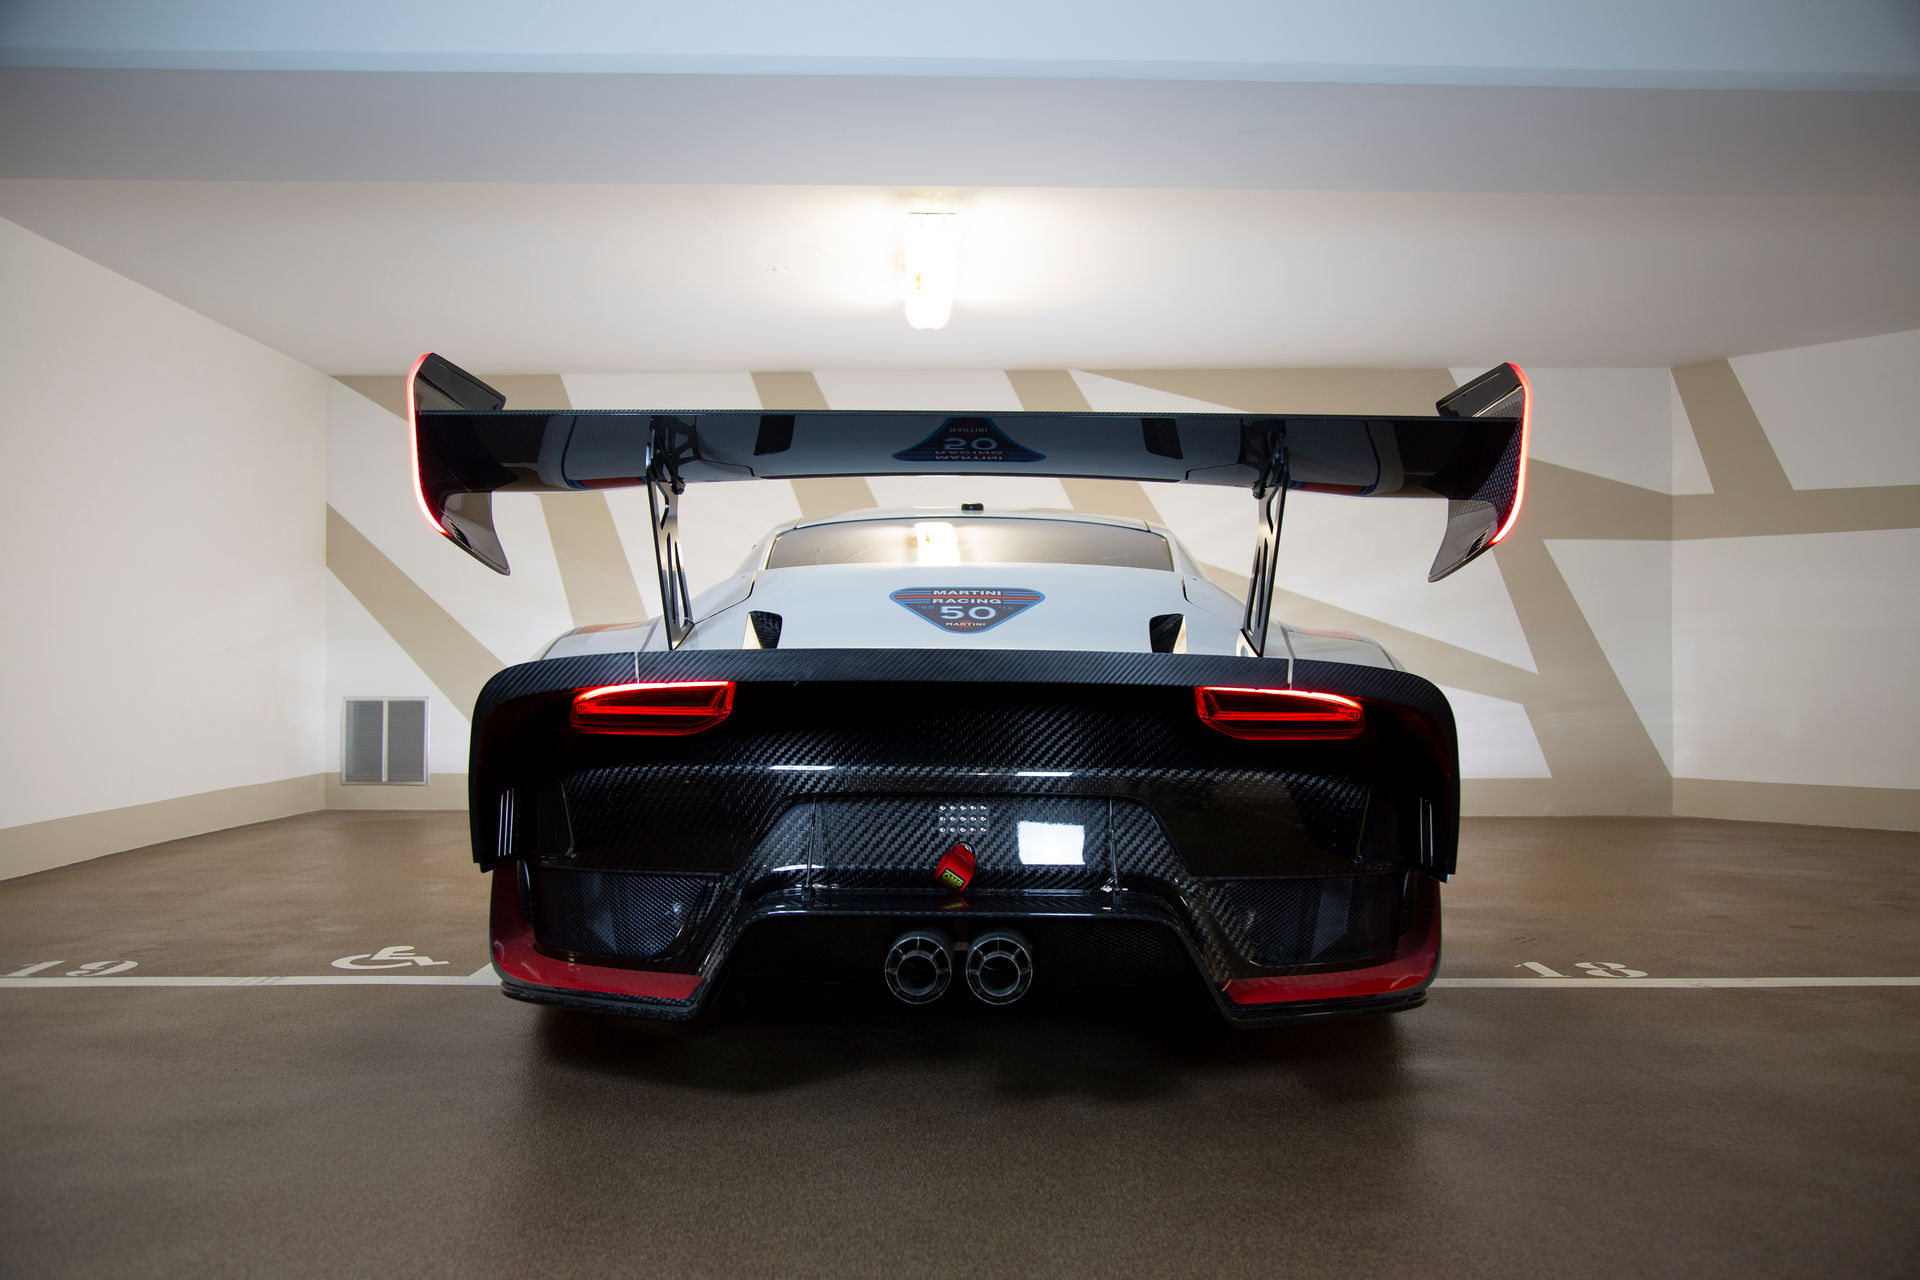 2020_Porsche_935_Martini_Livery_sale_0008